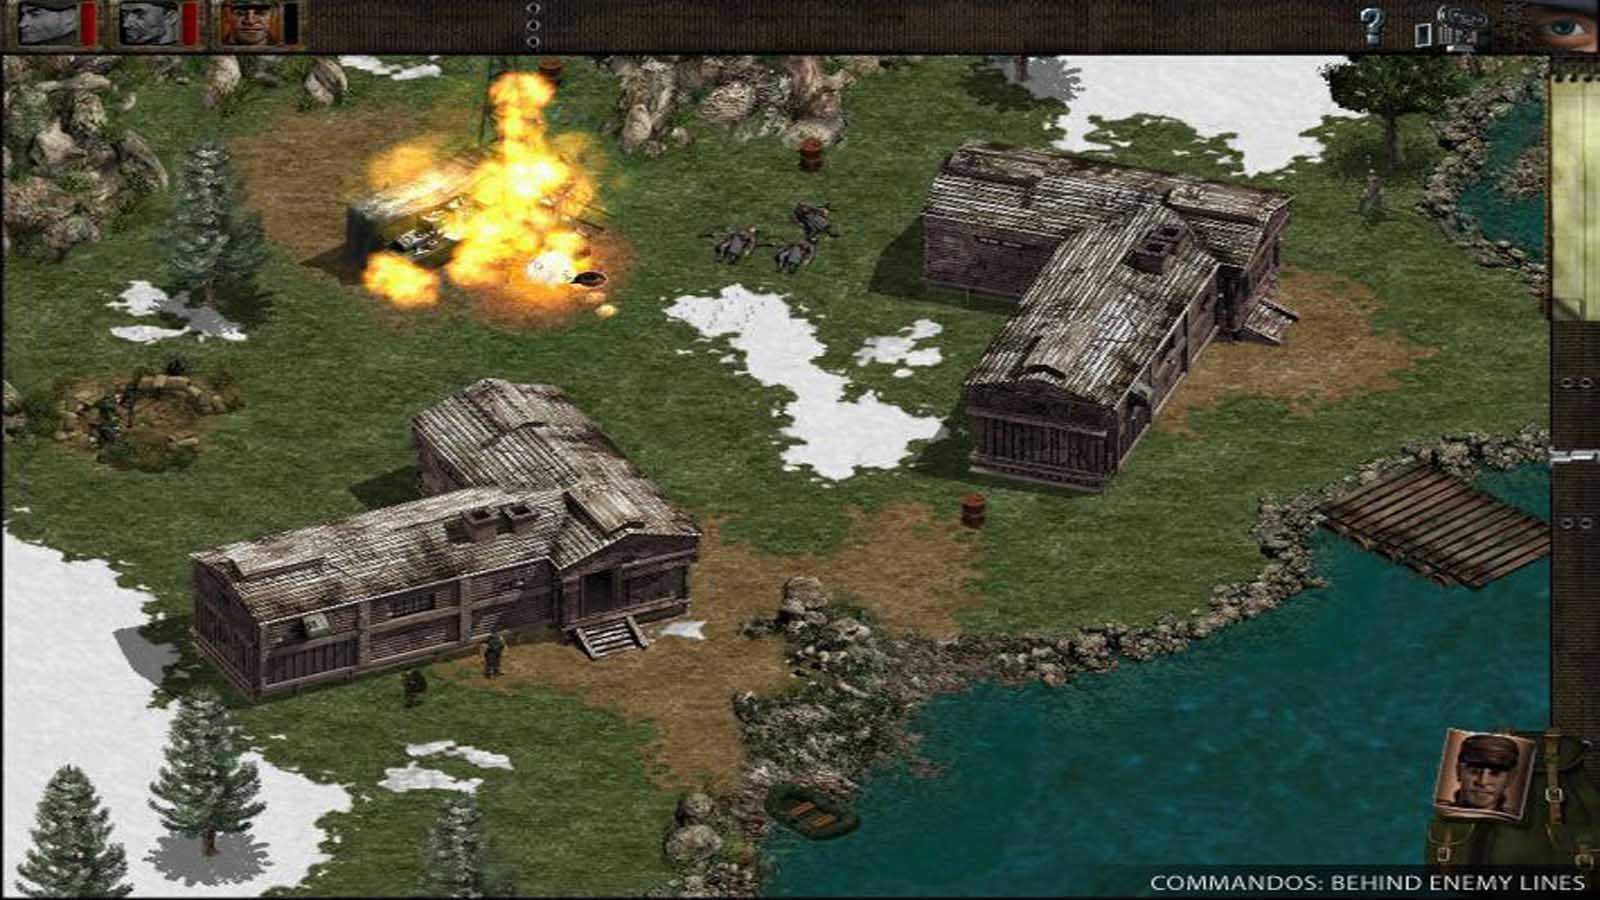 تحميل لعبة Commandos Behind Enemy Lines مضغوطة برابط واحد مباشر كاملة مجانا